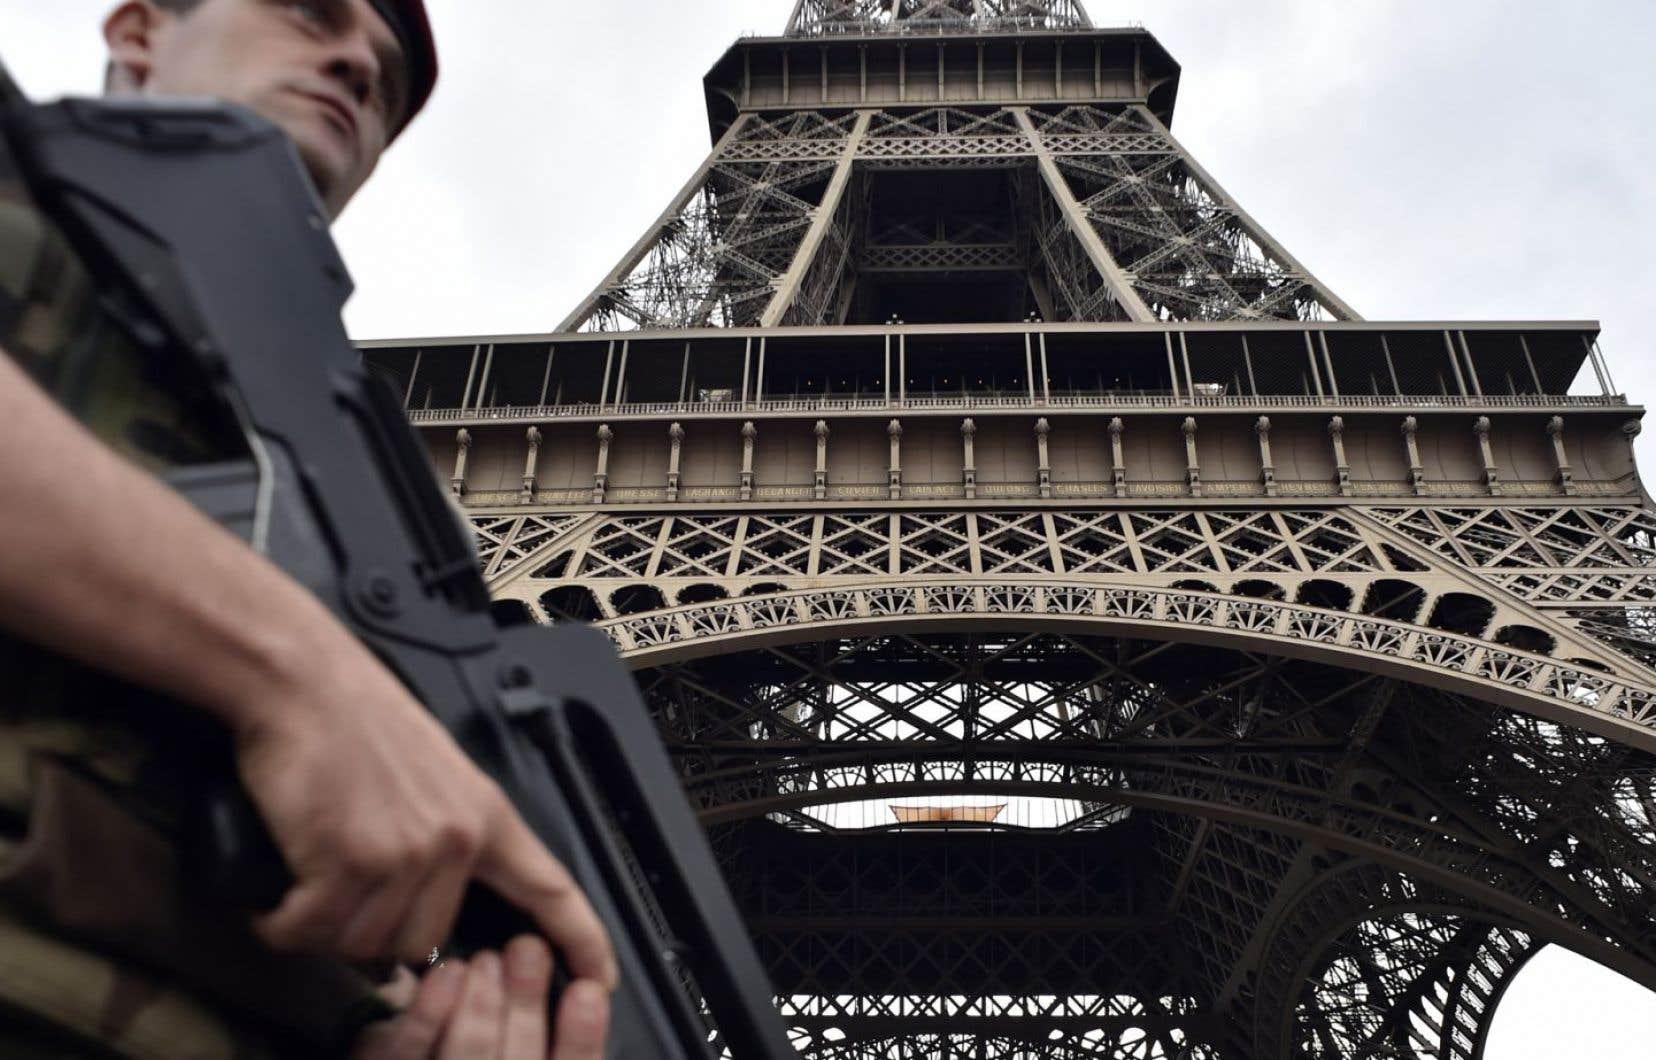 Un soldat français patrouille à proximité de la tour Eiffel en juillet 2016.